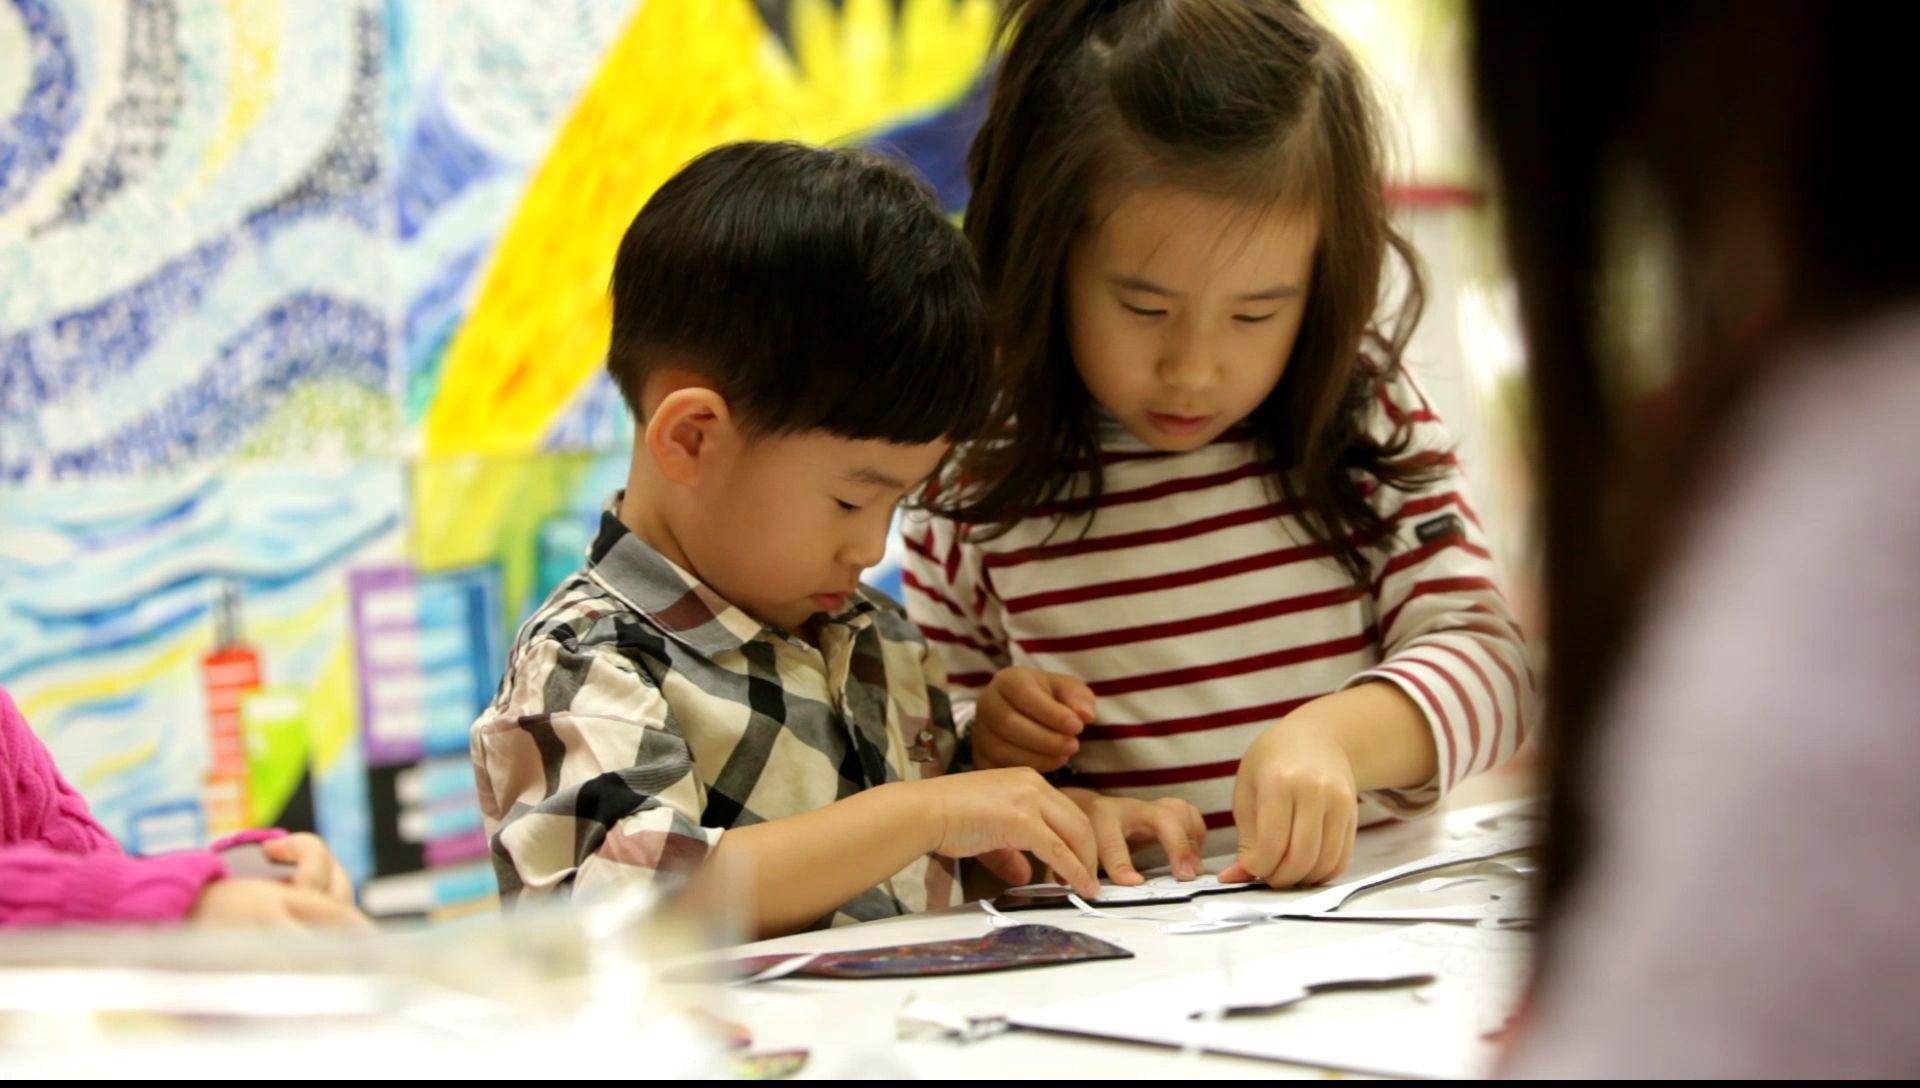 미술학원에서 키난빌 '반짝반짝 내맘대로 스티커'를 사용하고 있는 활동 모습